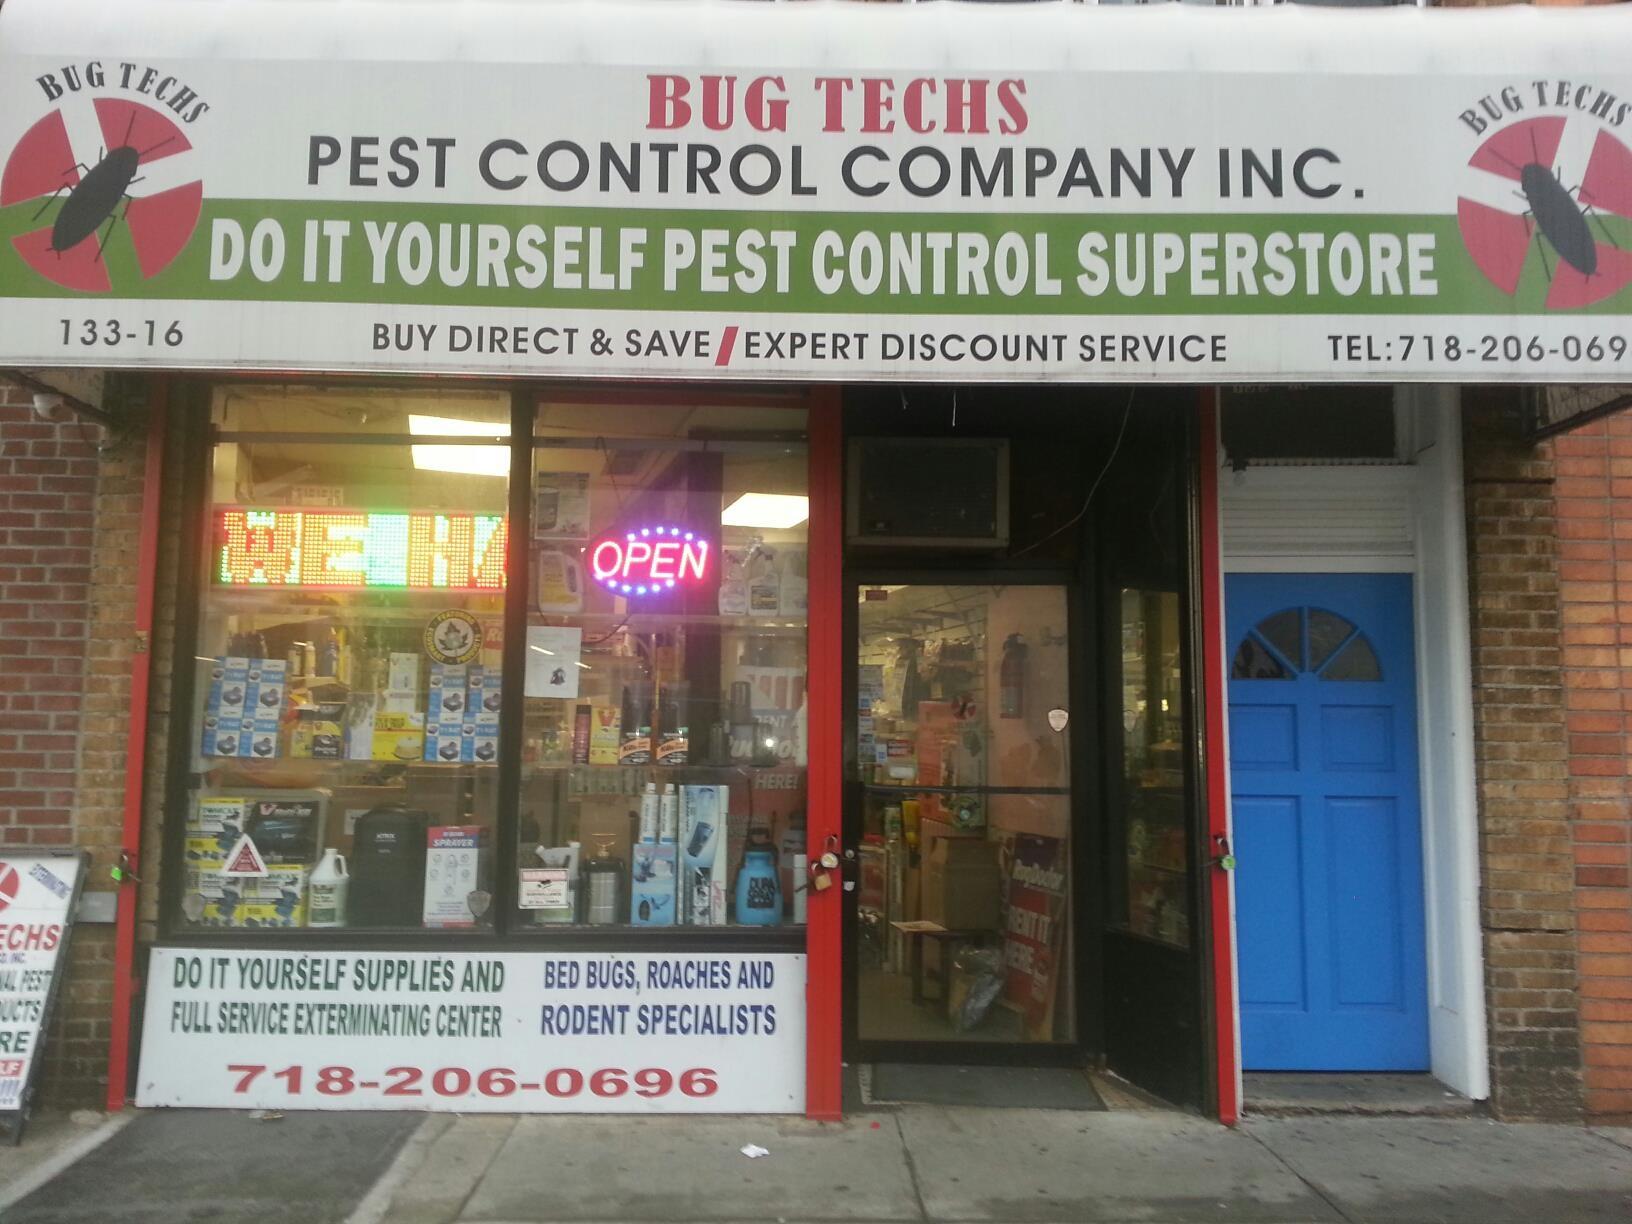 Bug techs pest control company inc 133 16 jamaica ave richmond hill bug techs pest control company inc 133 16 jamaica ave richmond hill ny termite damage restoration mapquest solutioingenieria Gallery